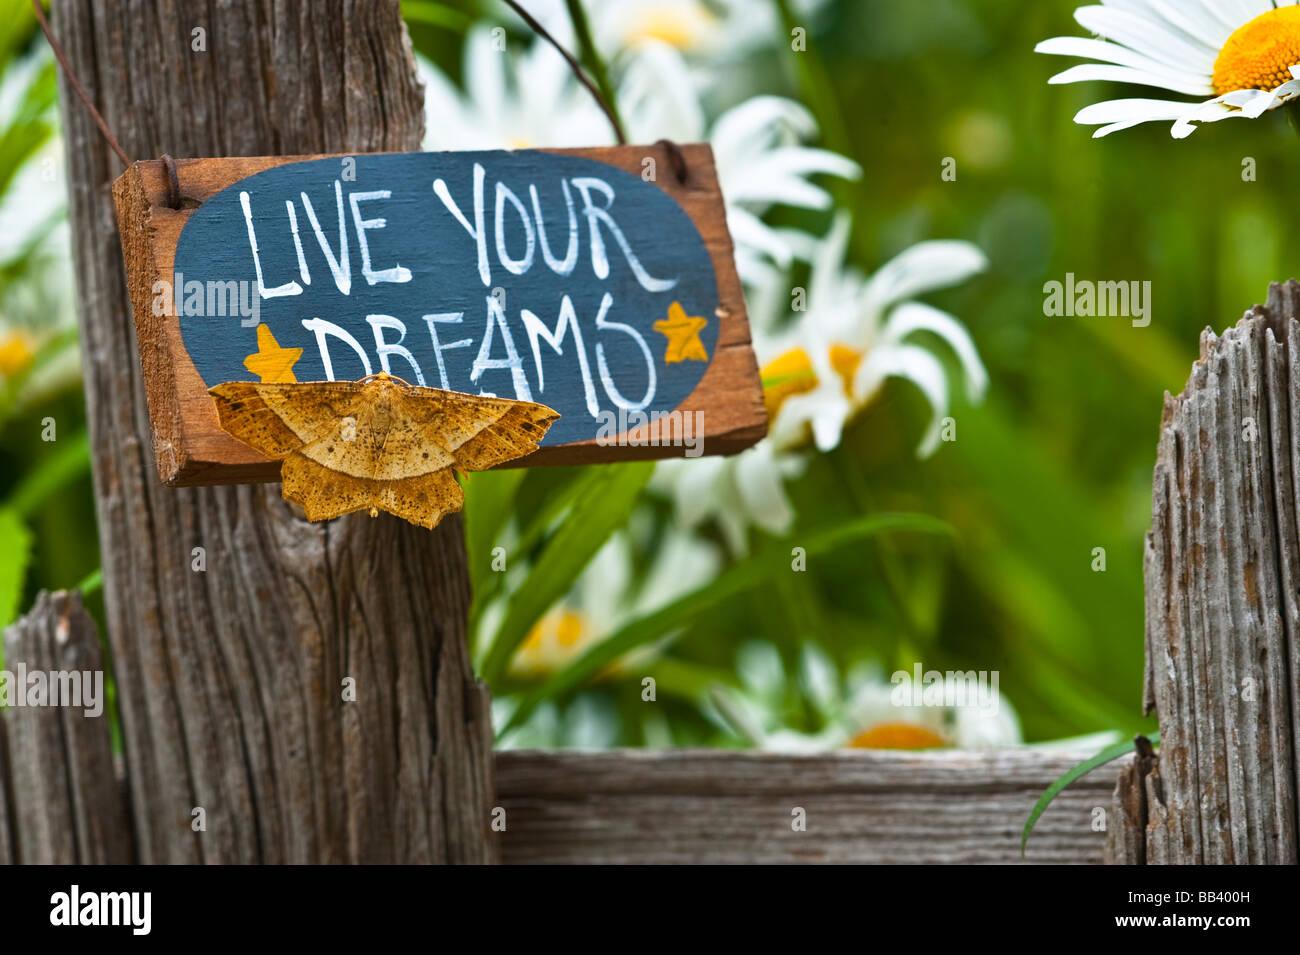 La tignola su giardino segno con margherite in background. Immagini Stock